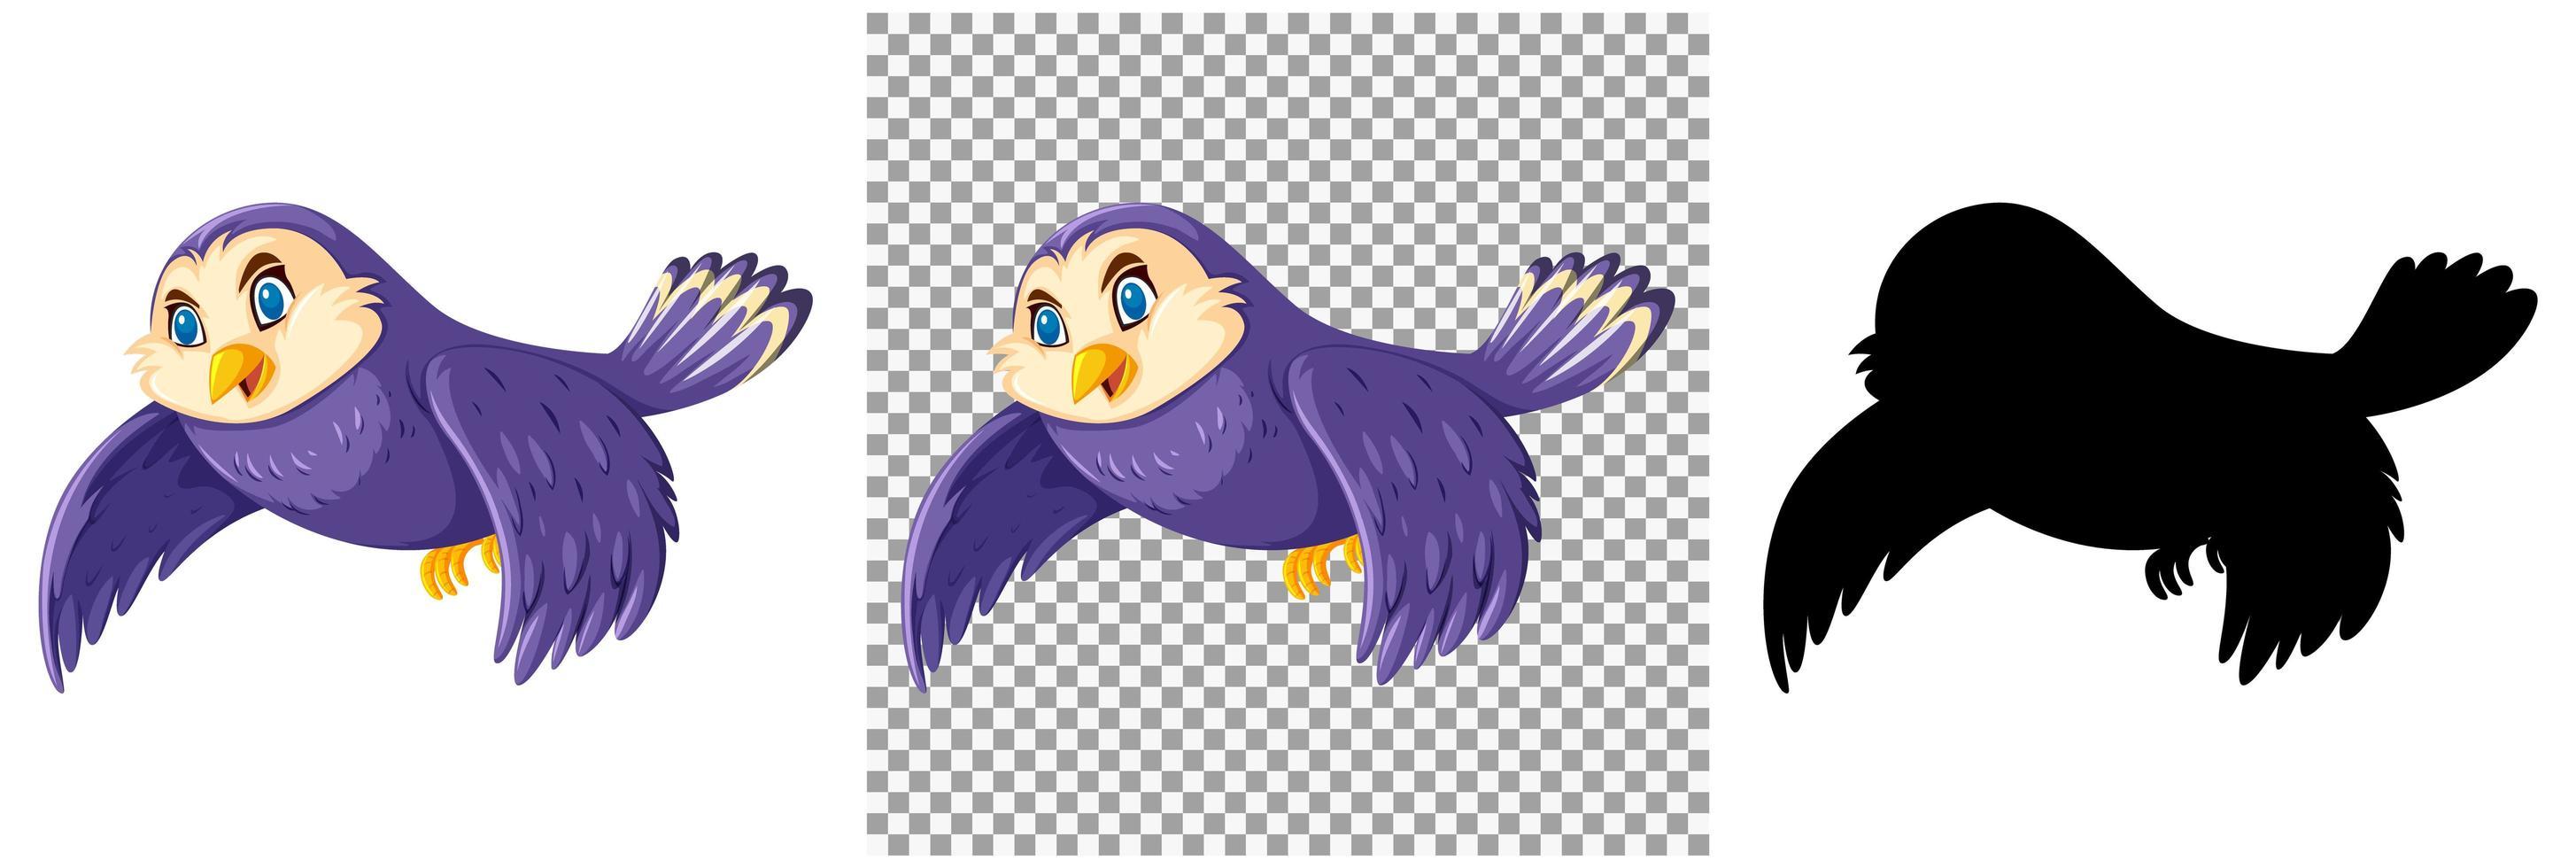 silhouette et personnage de dessin animé mignon oiseau violet vecteur